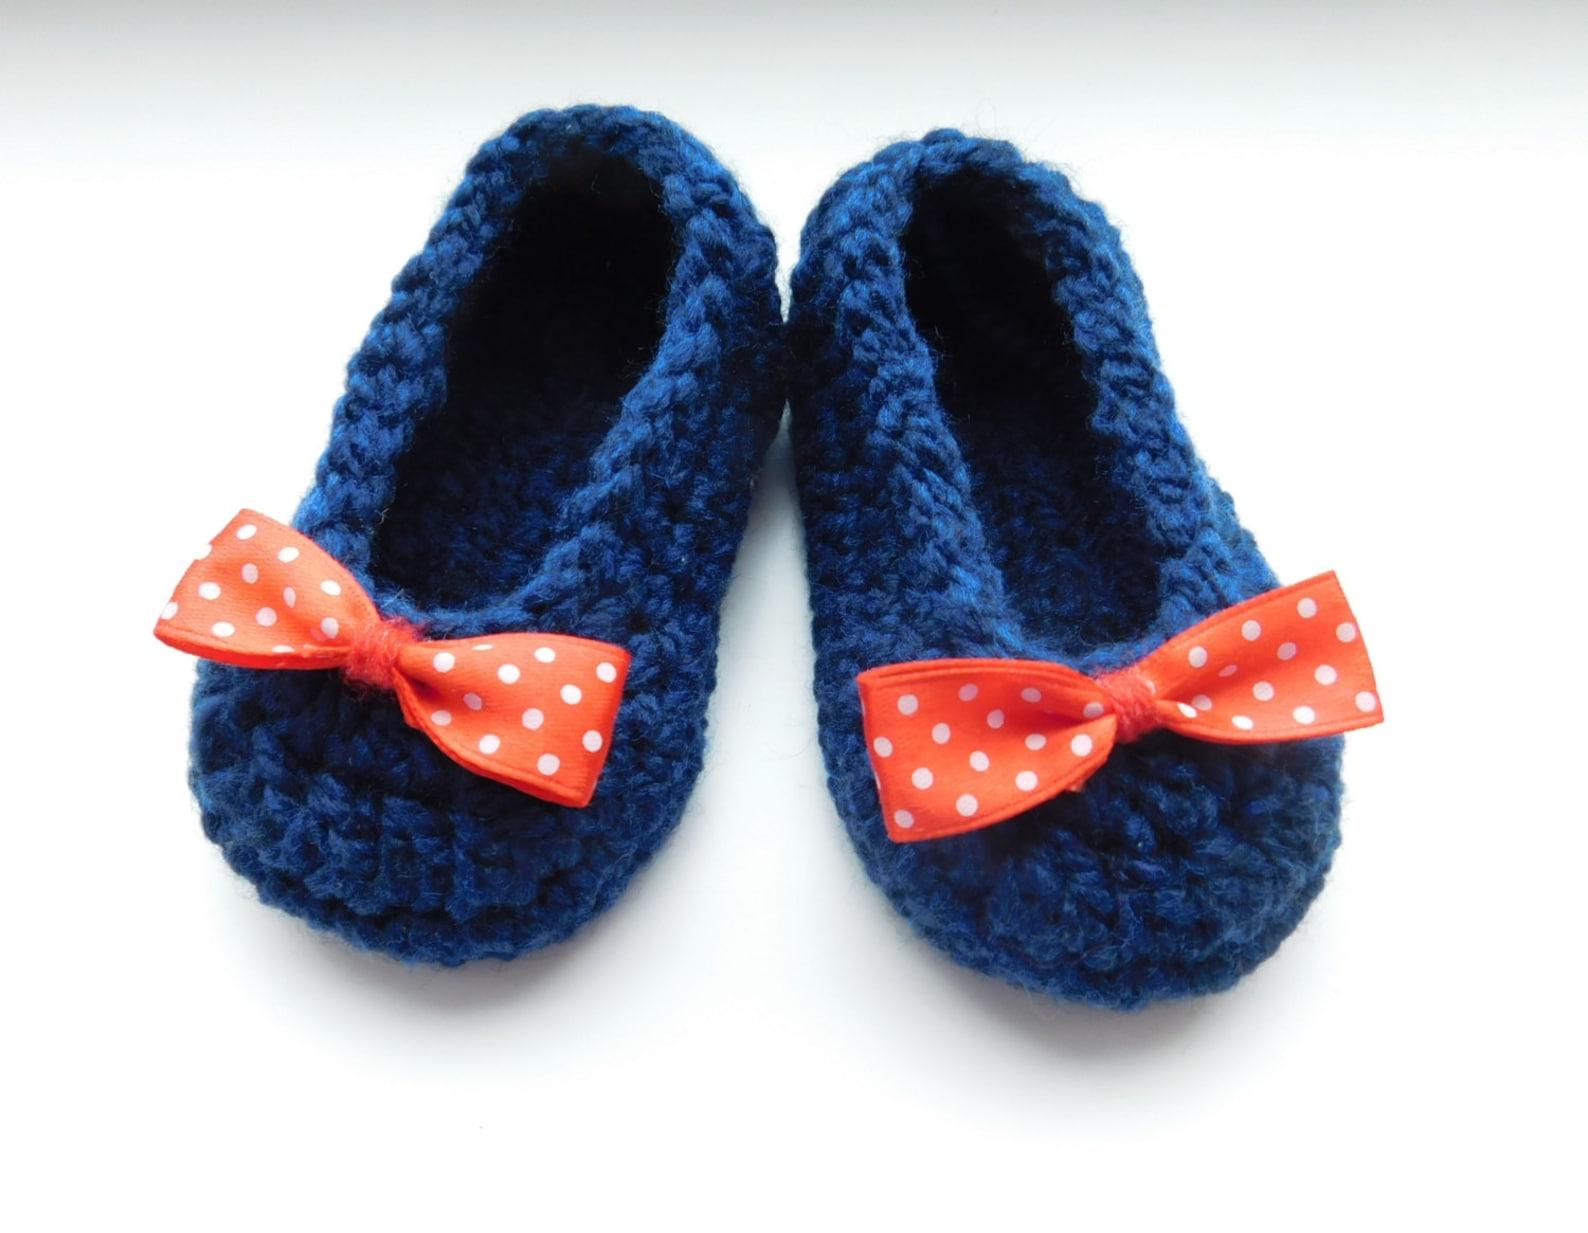 crochet pattern baby shoes ballet slippers - pdf crochet pattern n.101